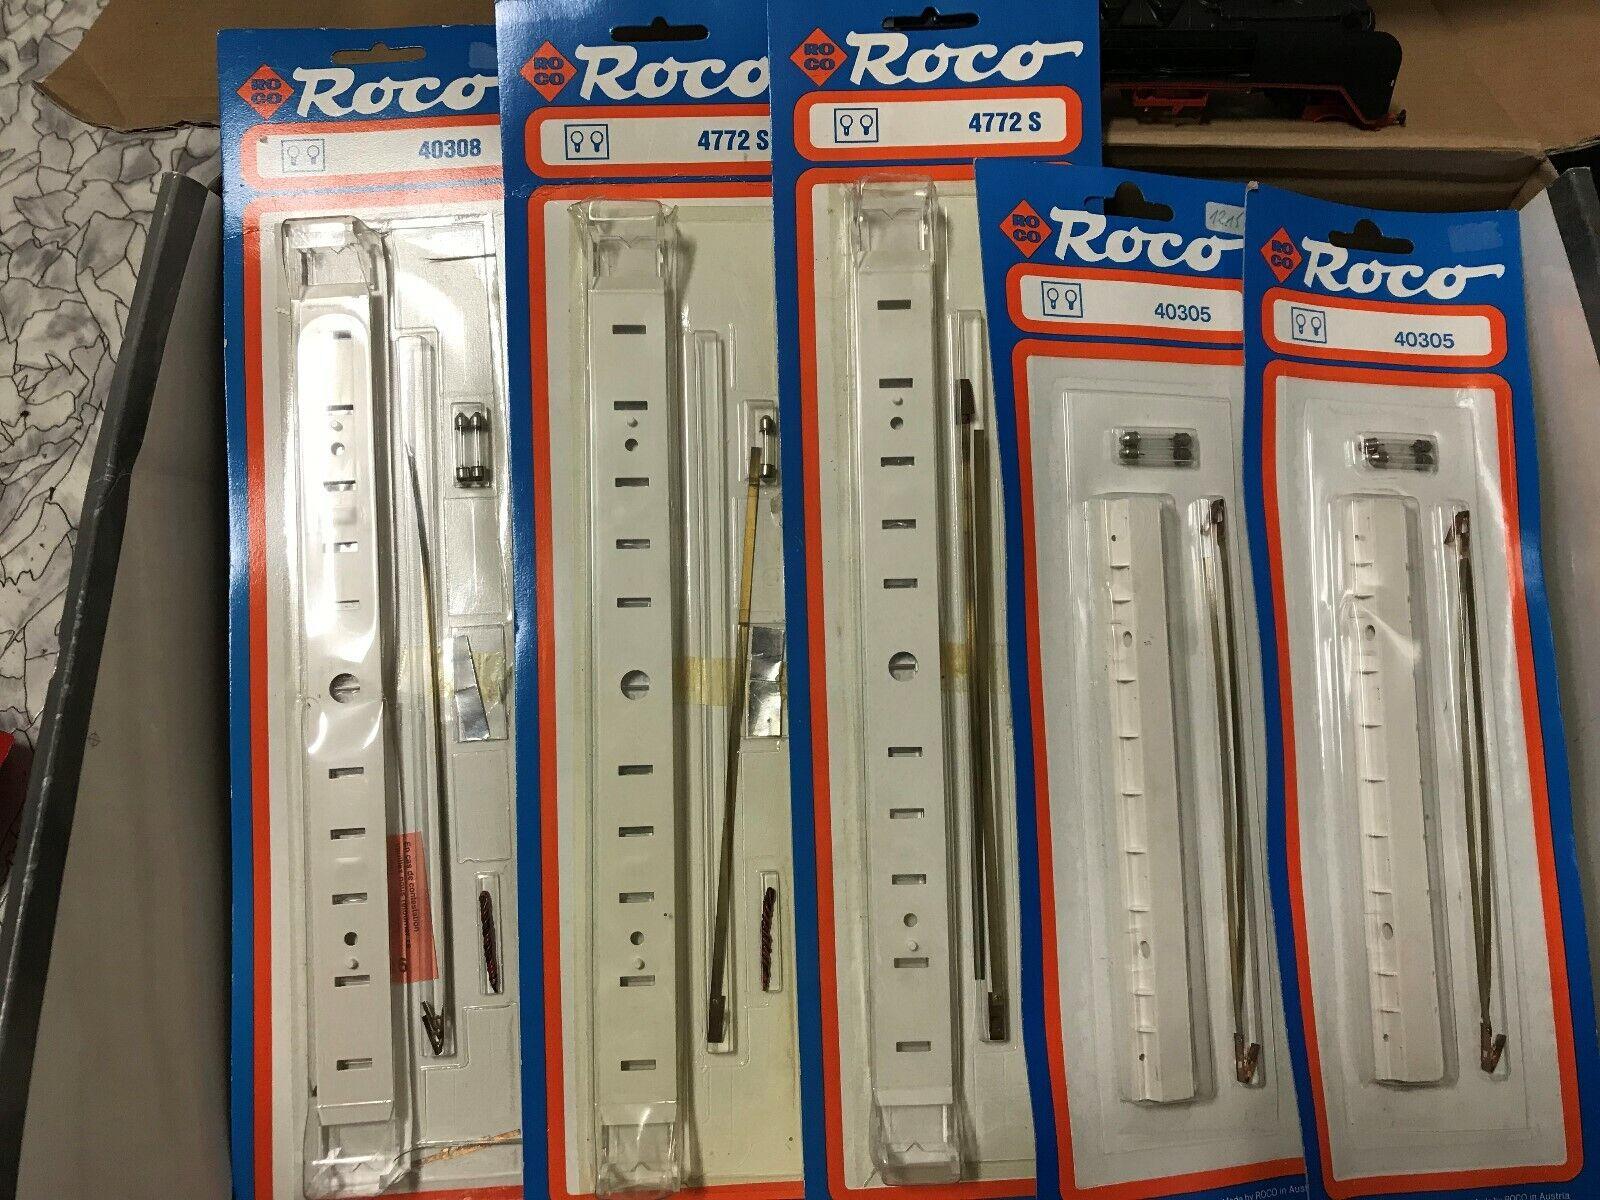 ROCO h0 40305 40308 4772s 5 x Éclairage Intérieur aux voitures particulières, nouveau dans neuf dans sa boîte